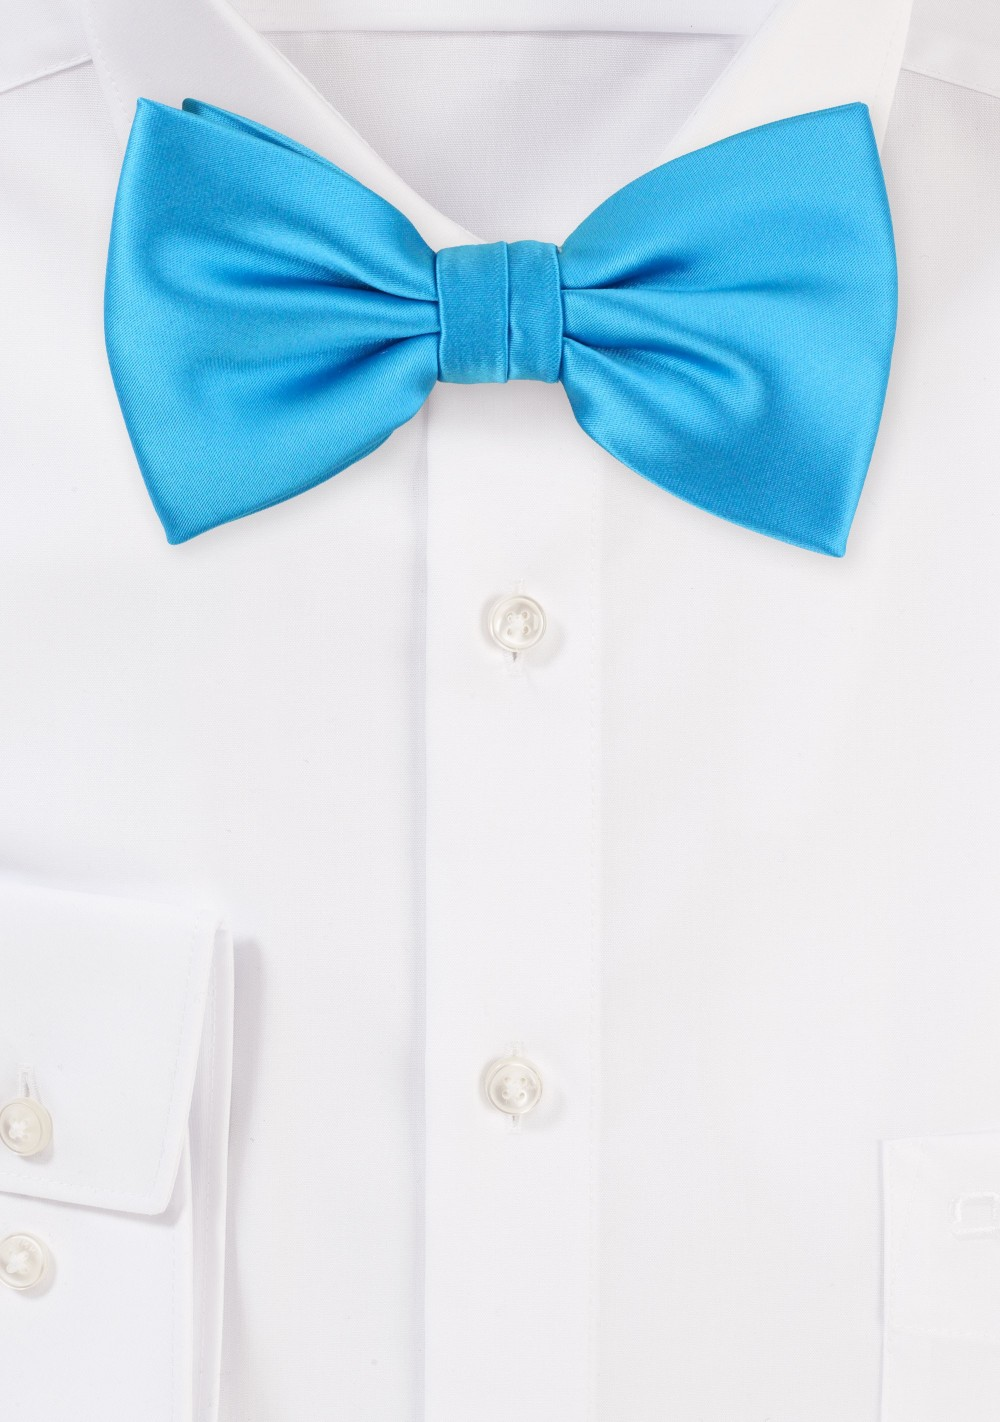 Solid Cyan Blue Men's Bow Tie